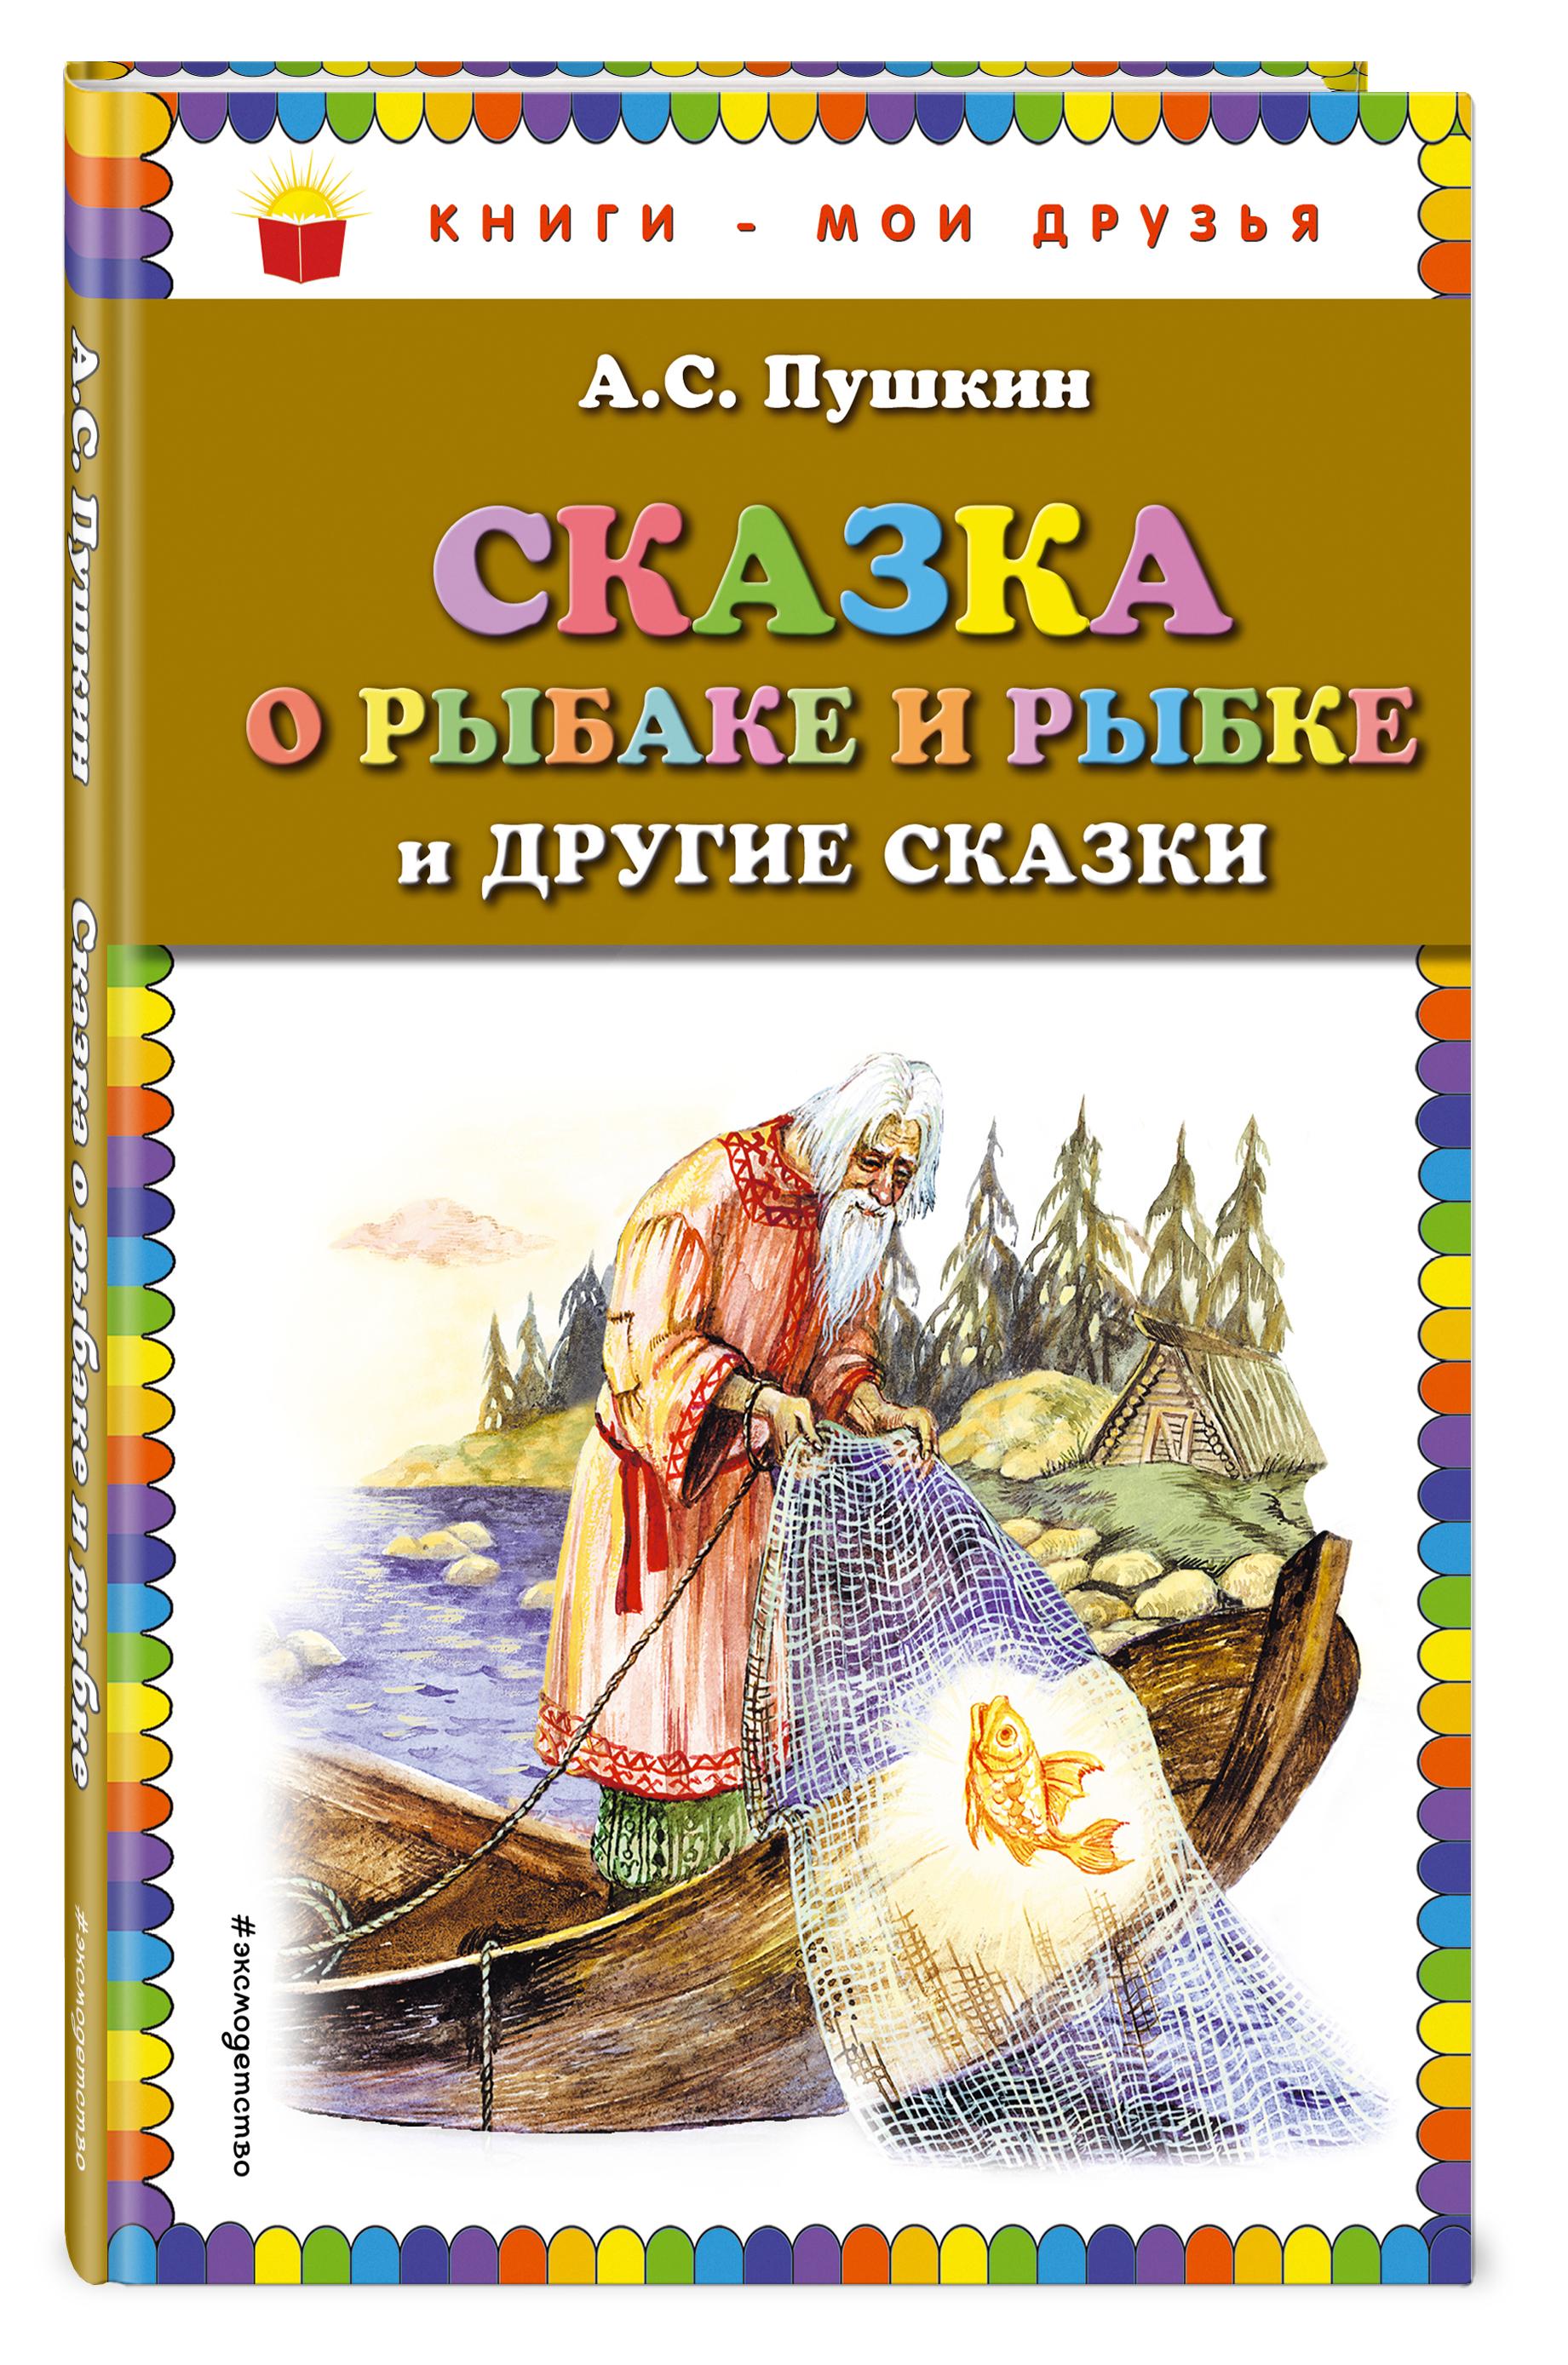 Пушкин А.С. Сказка о рыбаке и рыбке и другие сказки